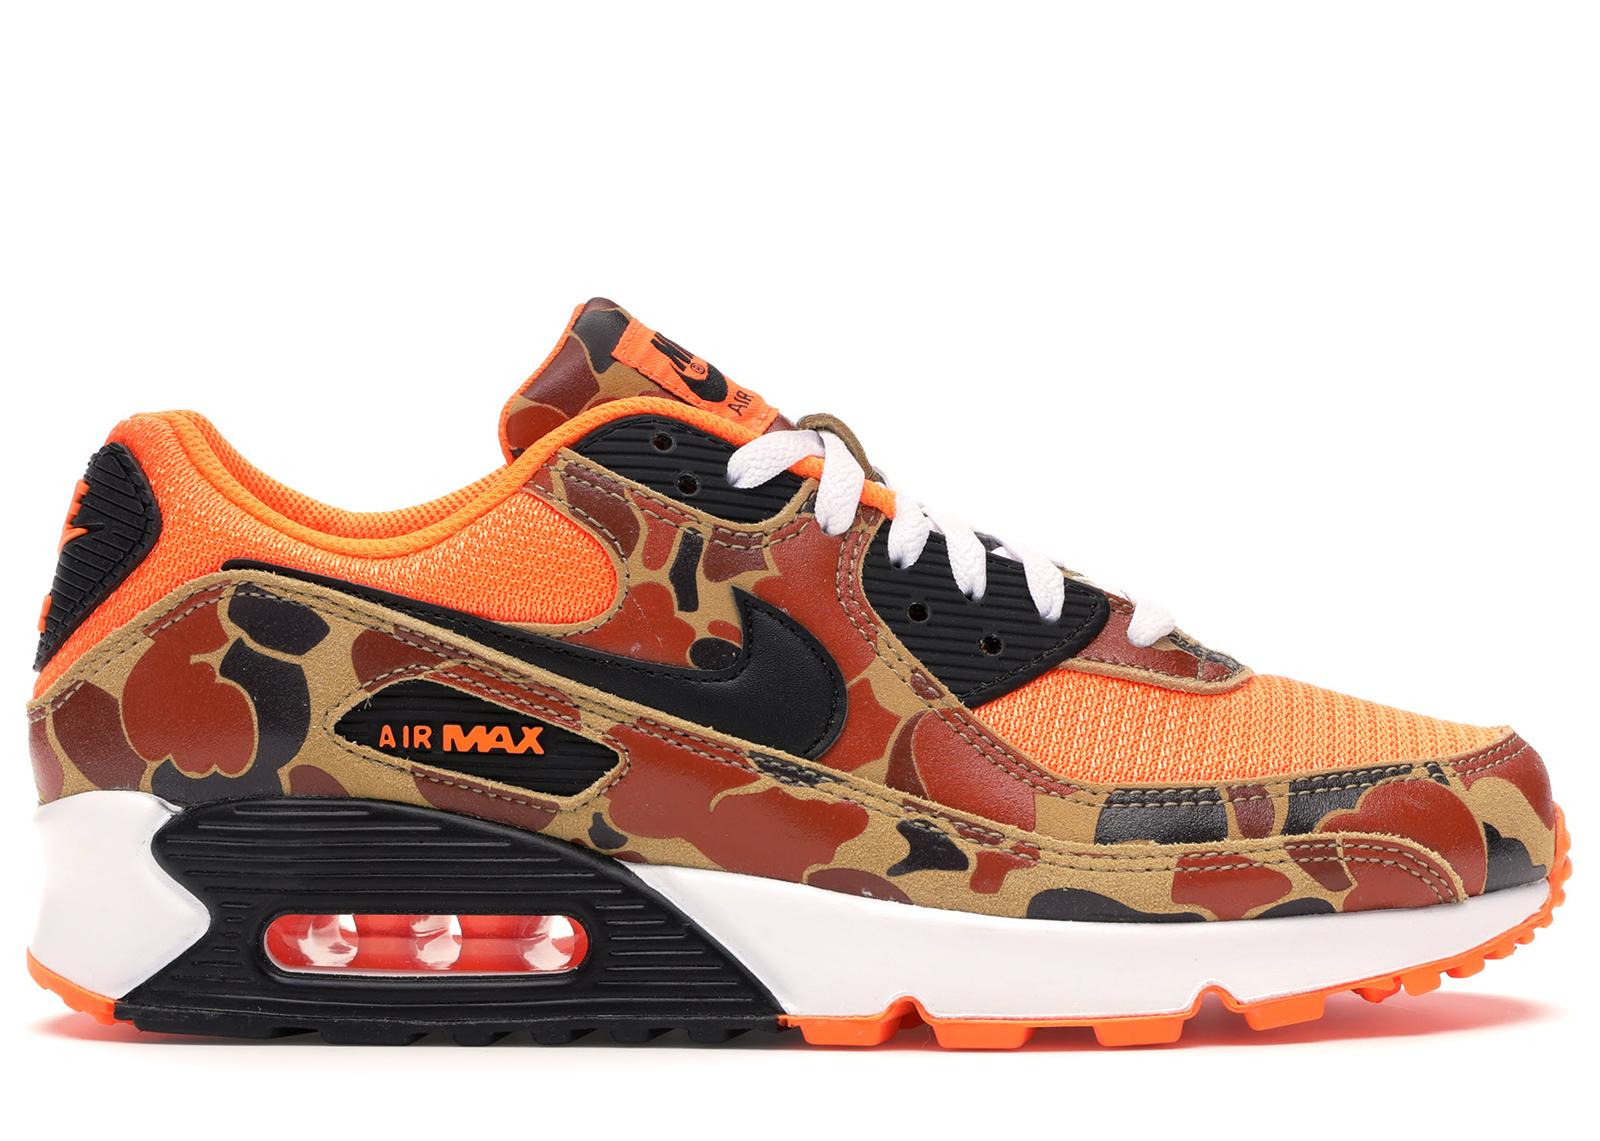 Nike Air Max 90 Duck Camo Orange - CW4039-800